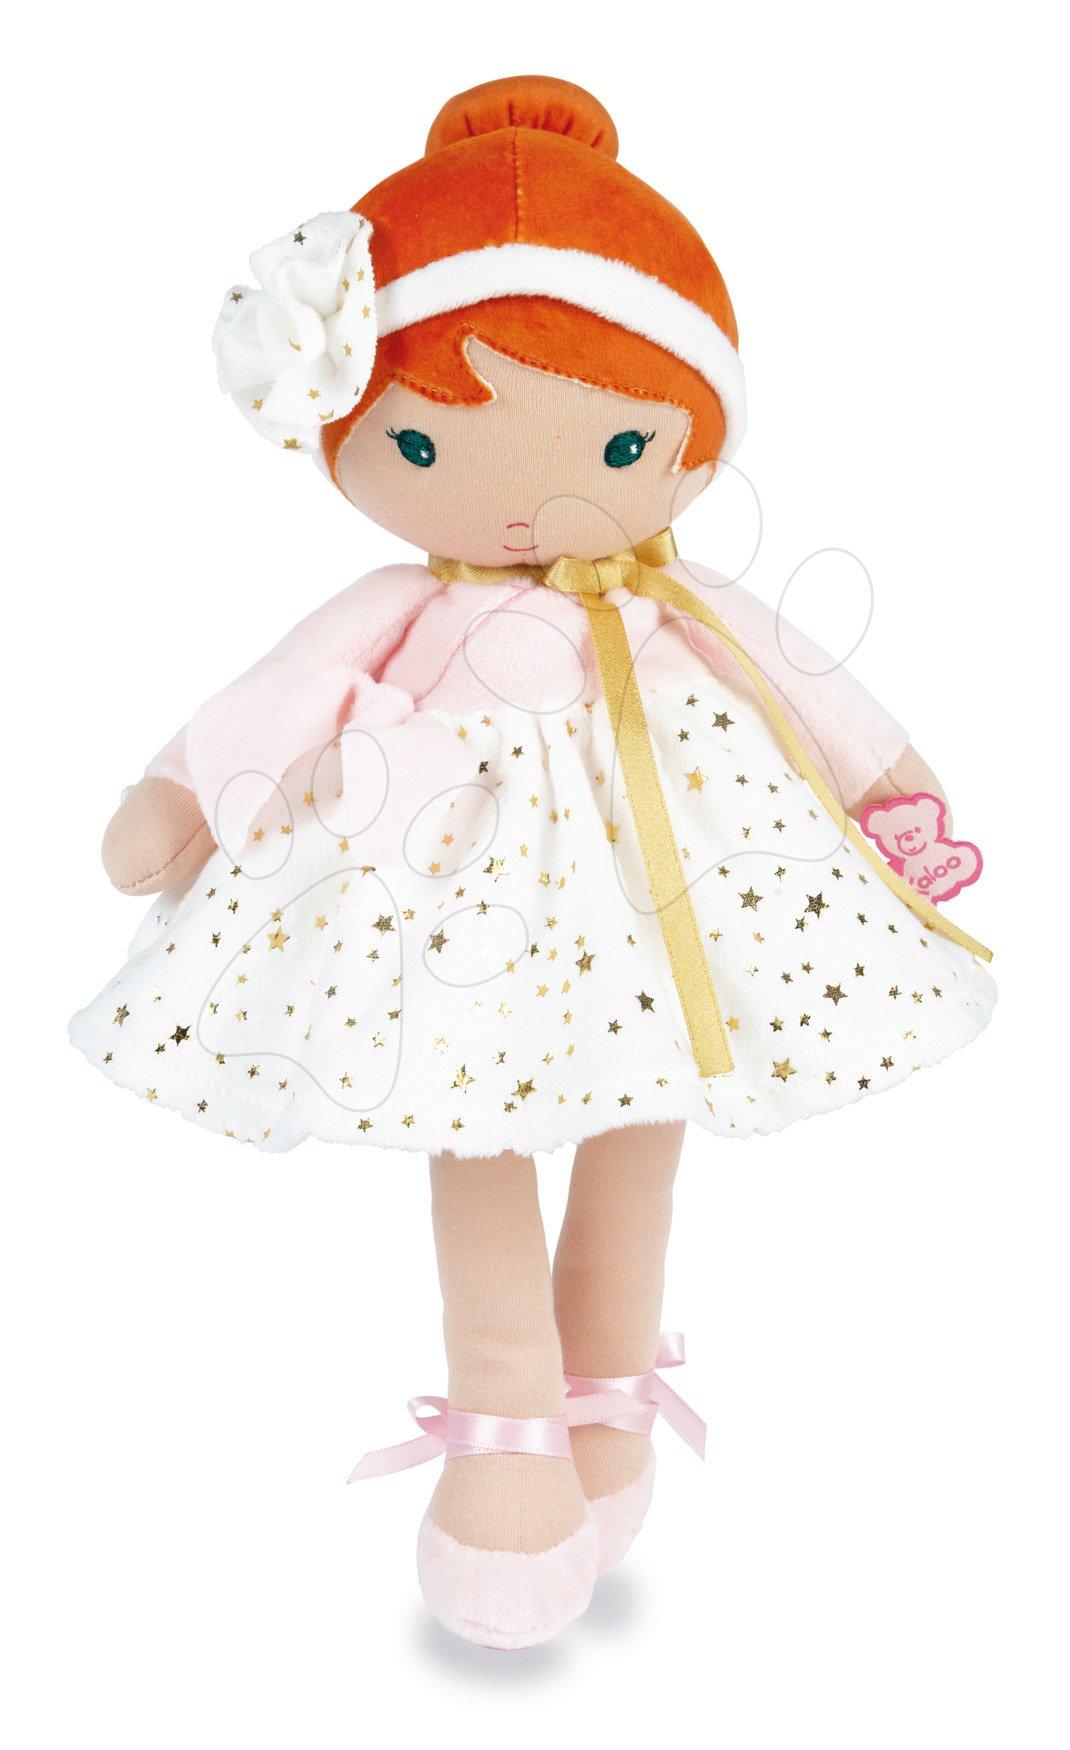 Lutka za bebe Valentine K Doll Tendresse Kaloo 25 cm u zvjezdanoj haljini od nježne tkanine u poklon-kutiji od 0 mjeseci